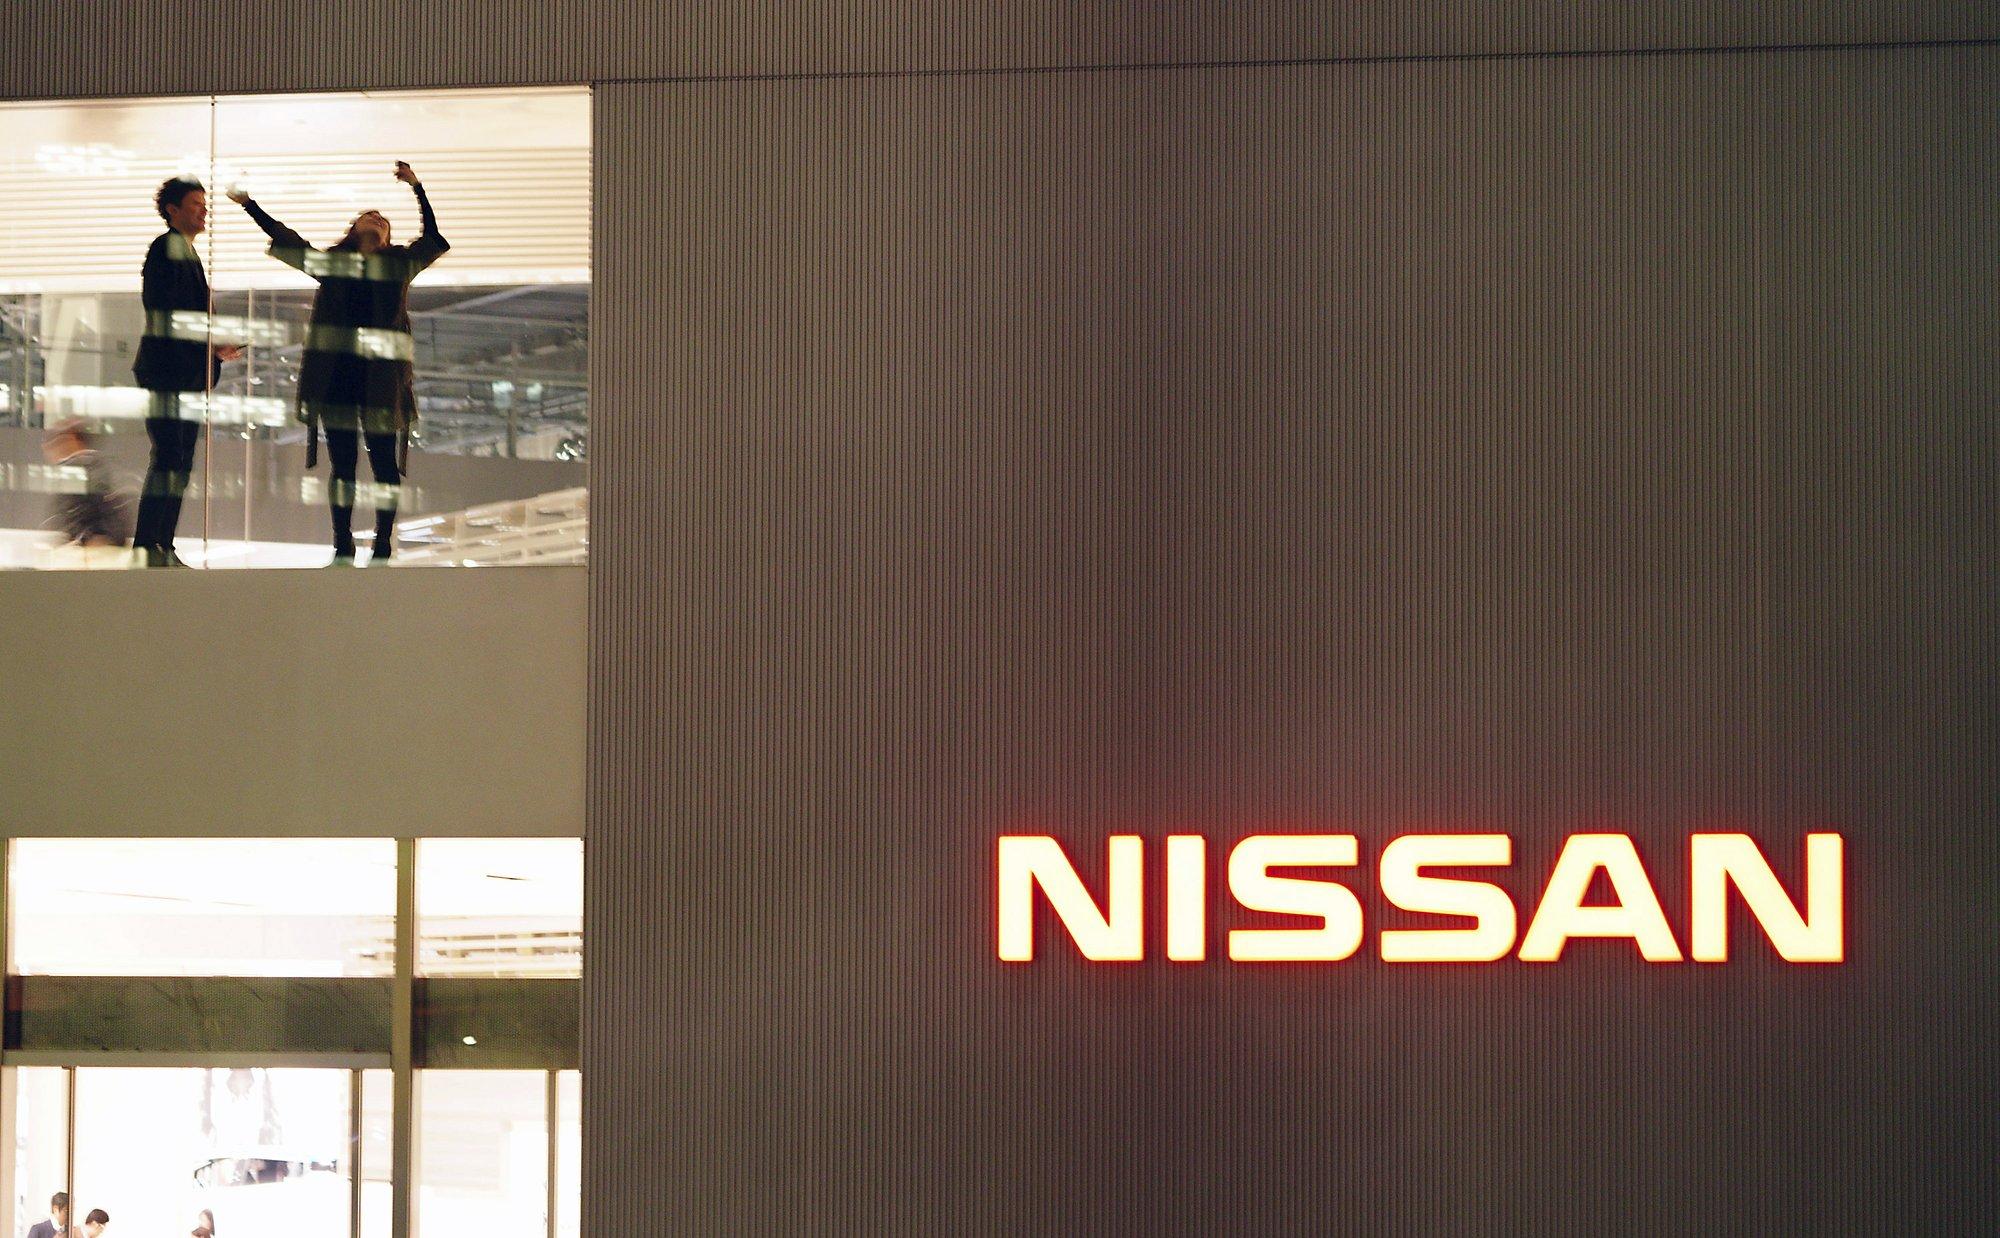 Nissan board fires Ghosn as chairman following arrest